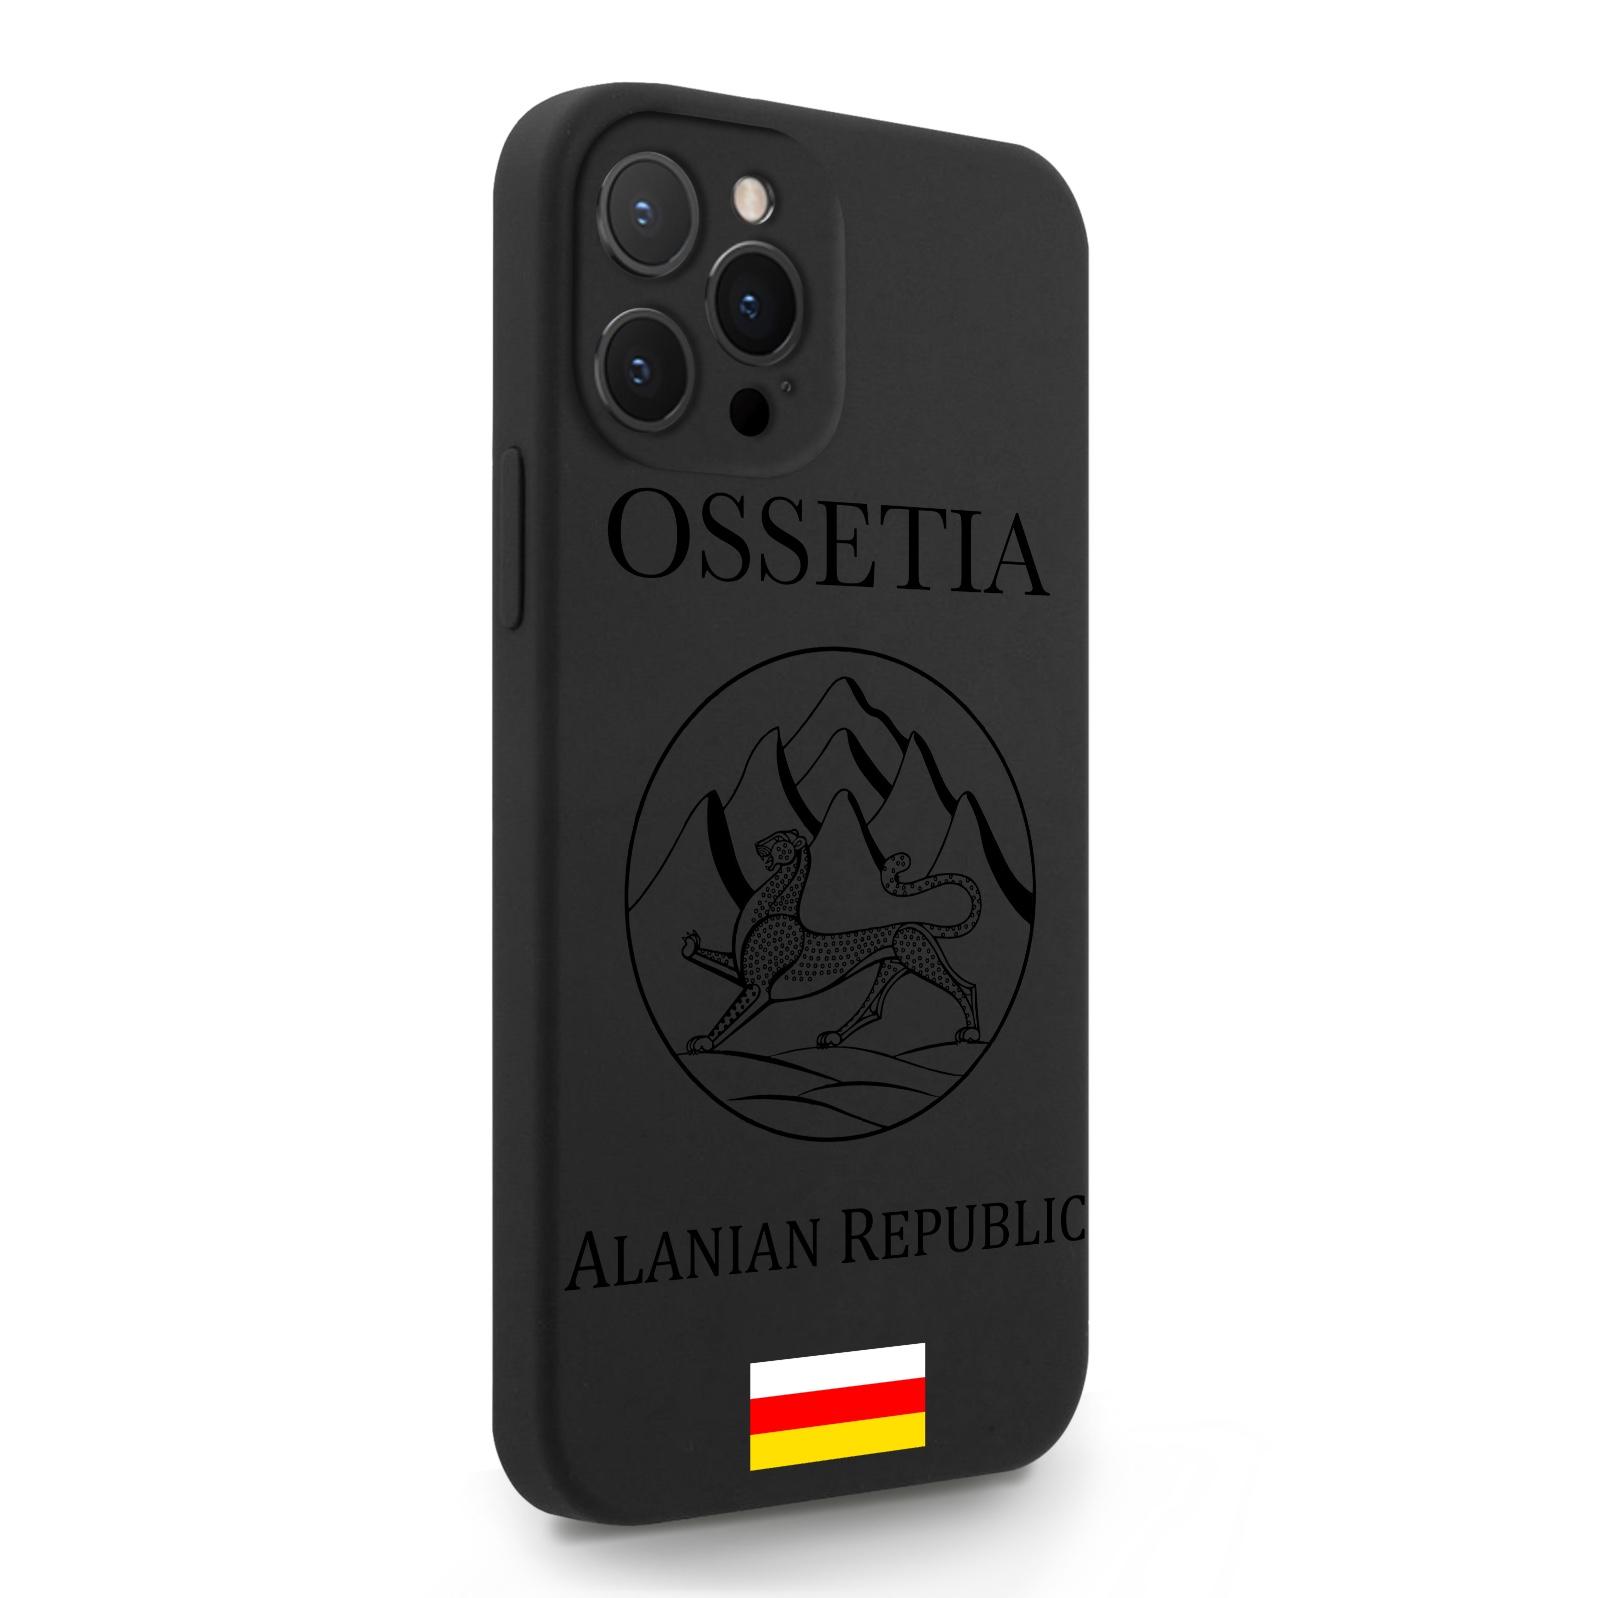 Черный силиконовый чехол для iPhone 12 Pro Max Черный лаковый Герб Северной Осетии для Айфон 12 Про Макс